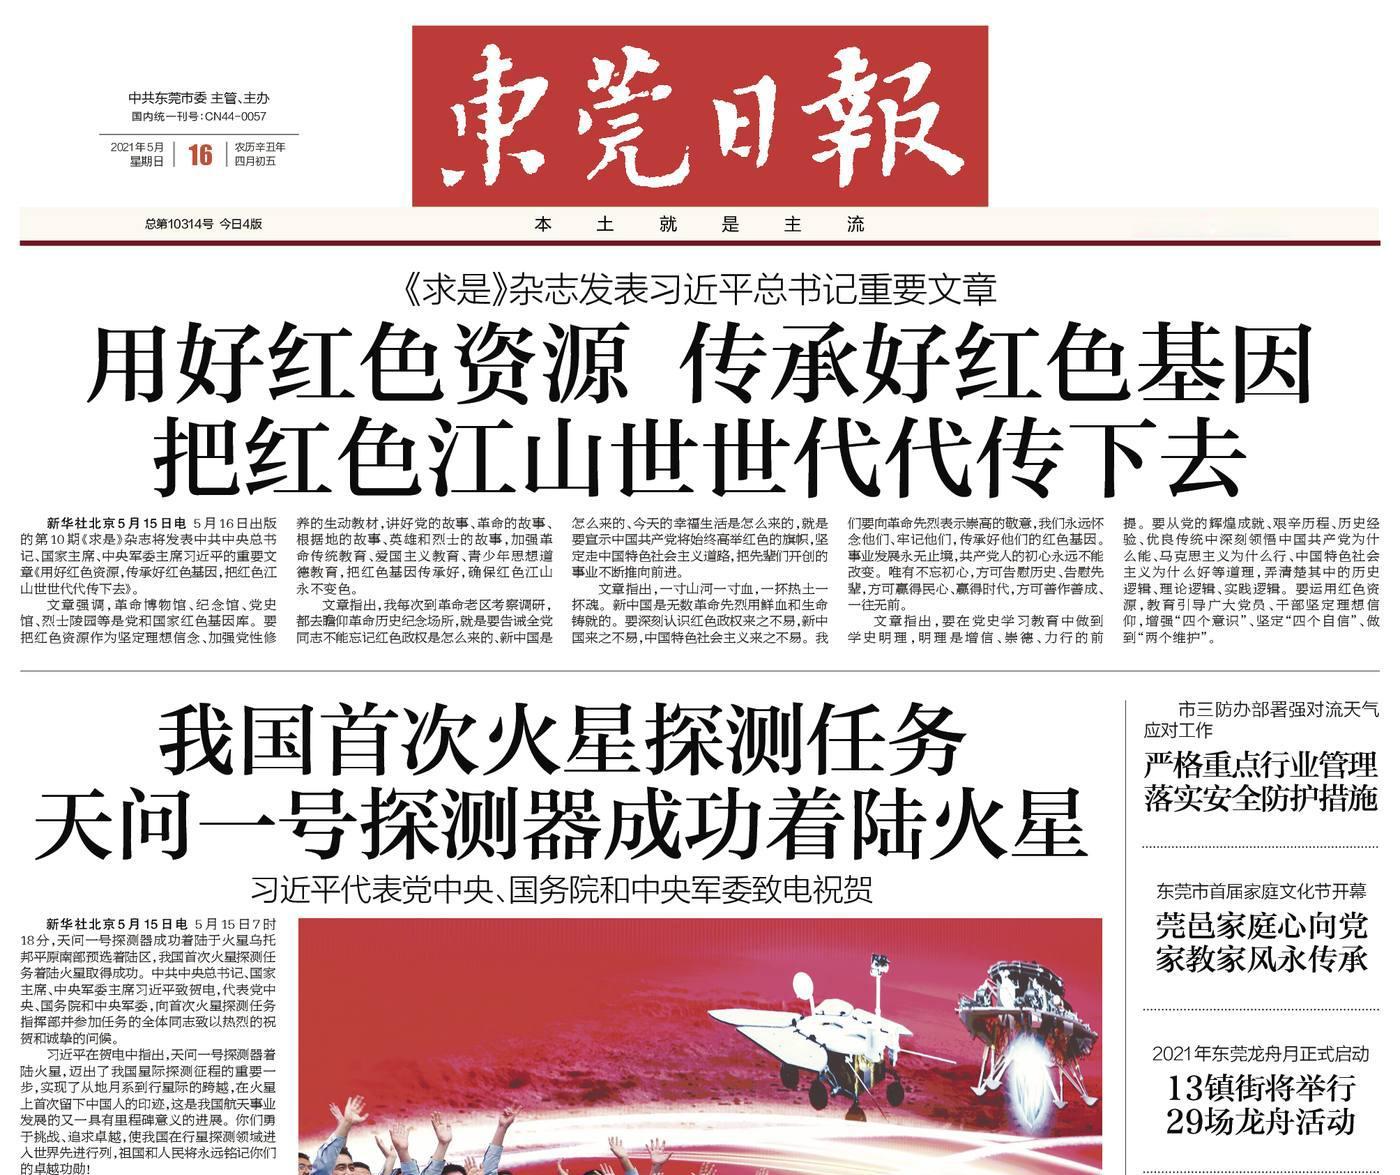 东莞日报登报热线